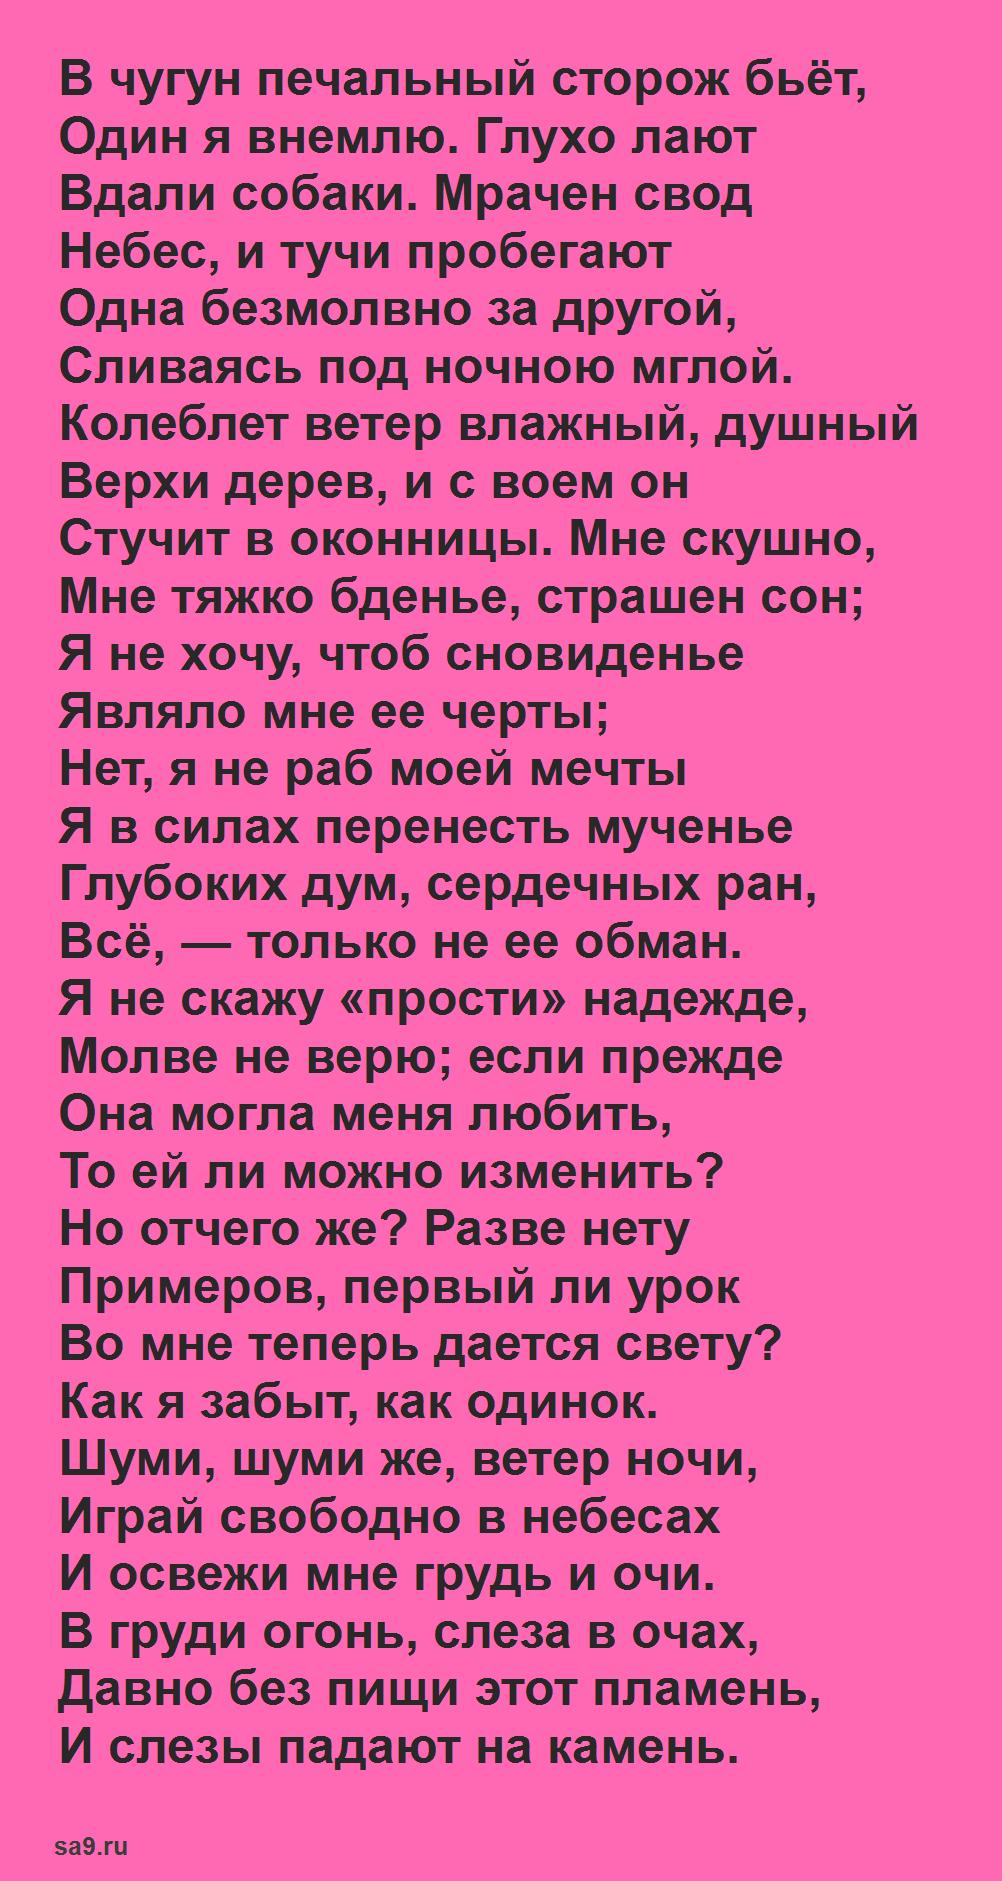 Лирика Лермонтова стихи - Ночь